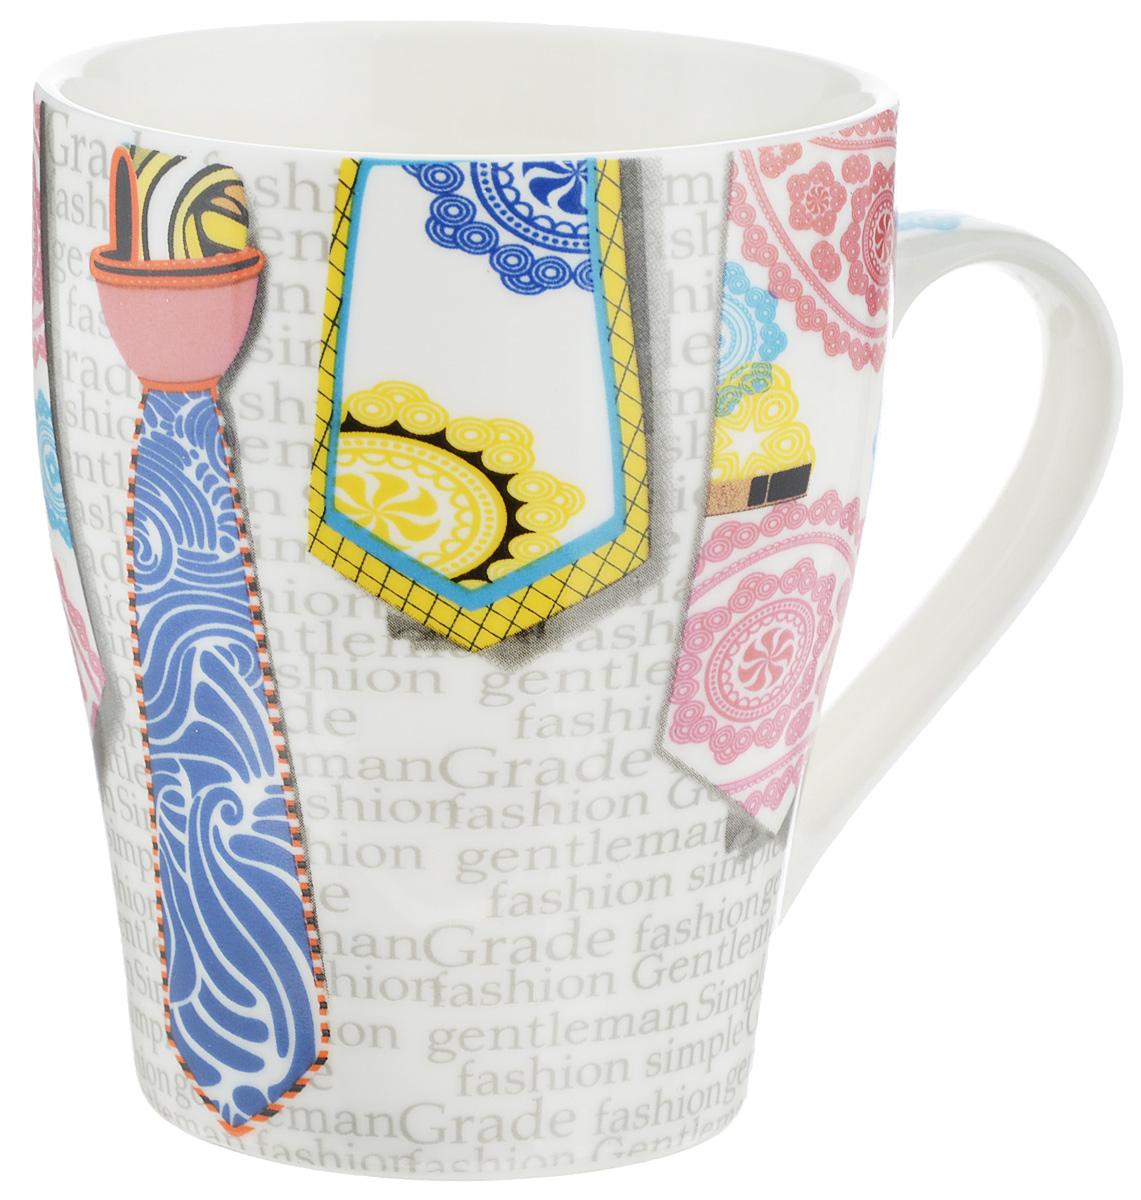 Кружка Loraine Галстук, цвет: белый, розовый, голубой, 340 мл24461_голубойОригинальная кружка Loraine Галстук выполнена из костяного фарфора и оформлена красочным рисунком. Она станет отличным дополнением к сервировке семейного стола и замечательным подарком для ваших родных и друзей. Диаметр по верхнему краю: 8 см.